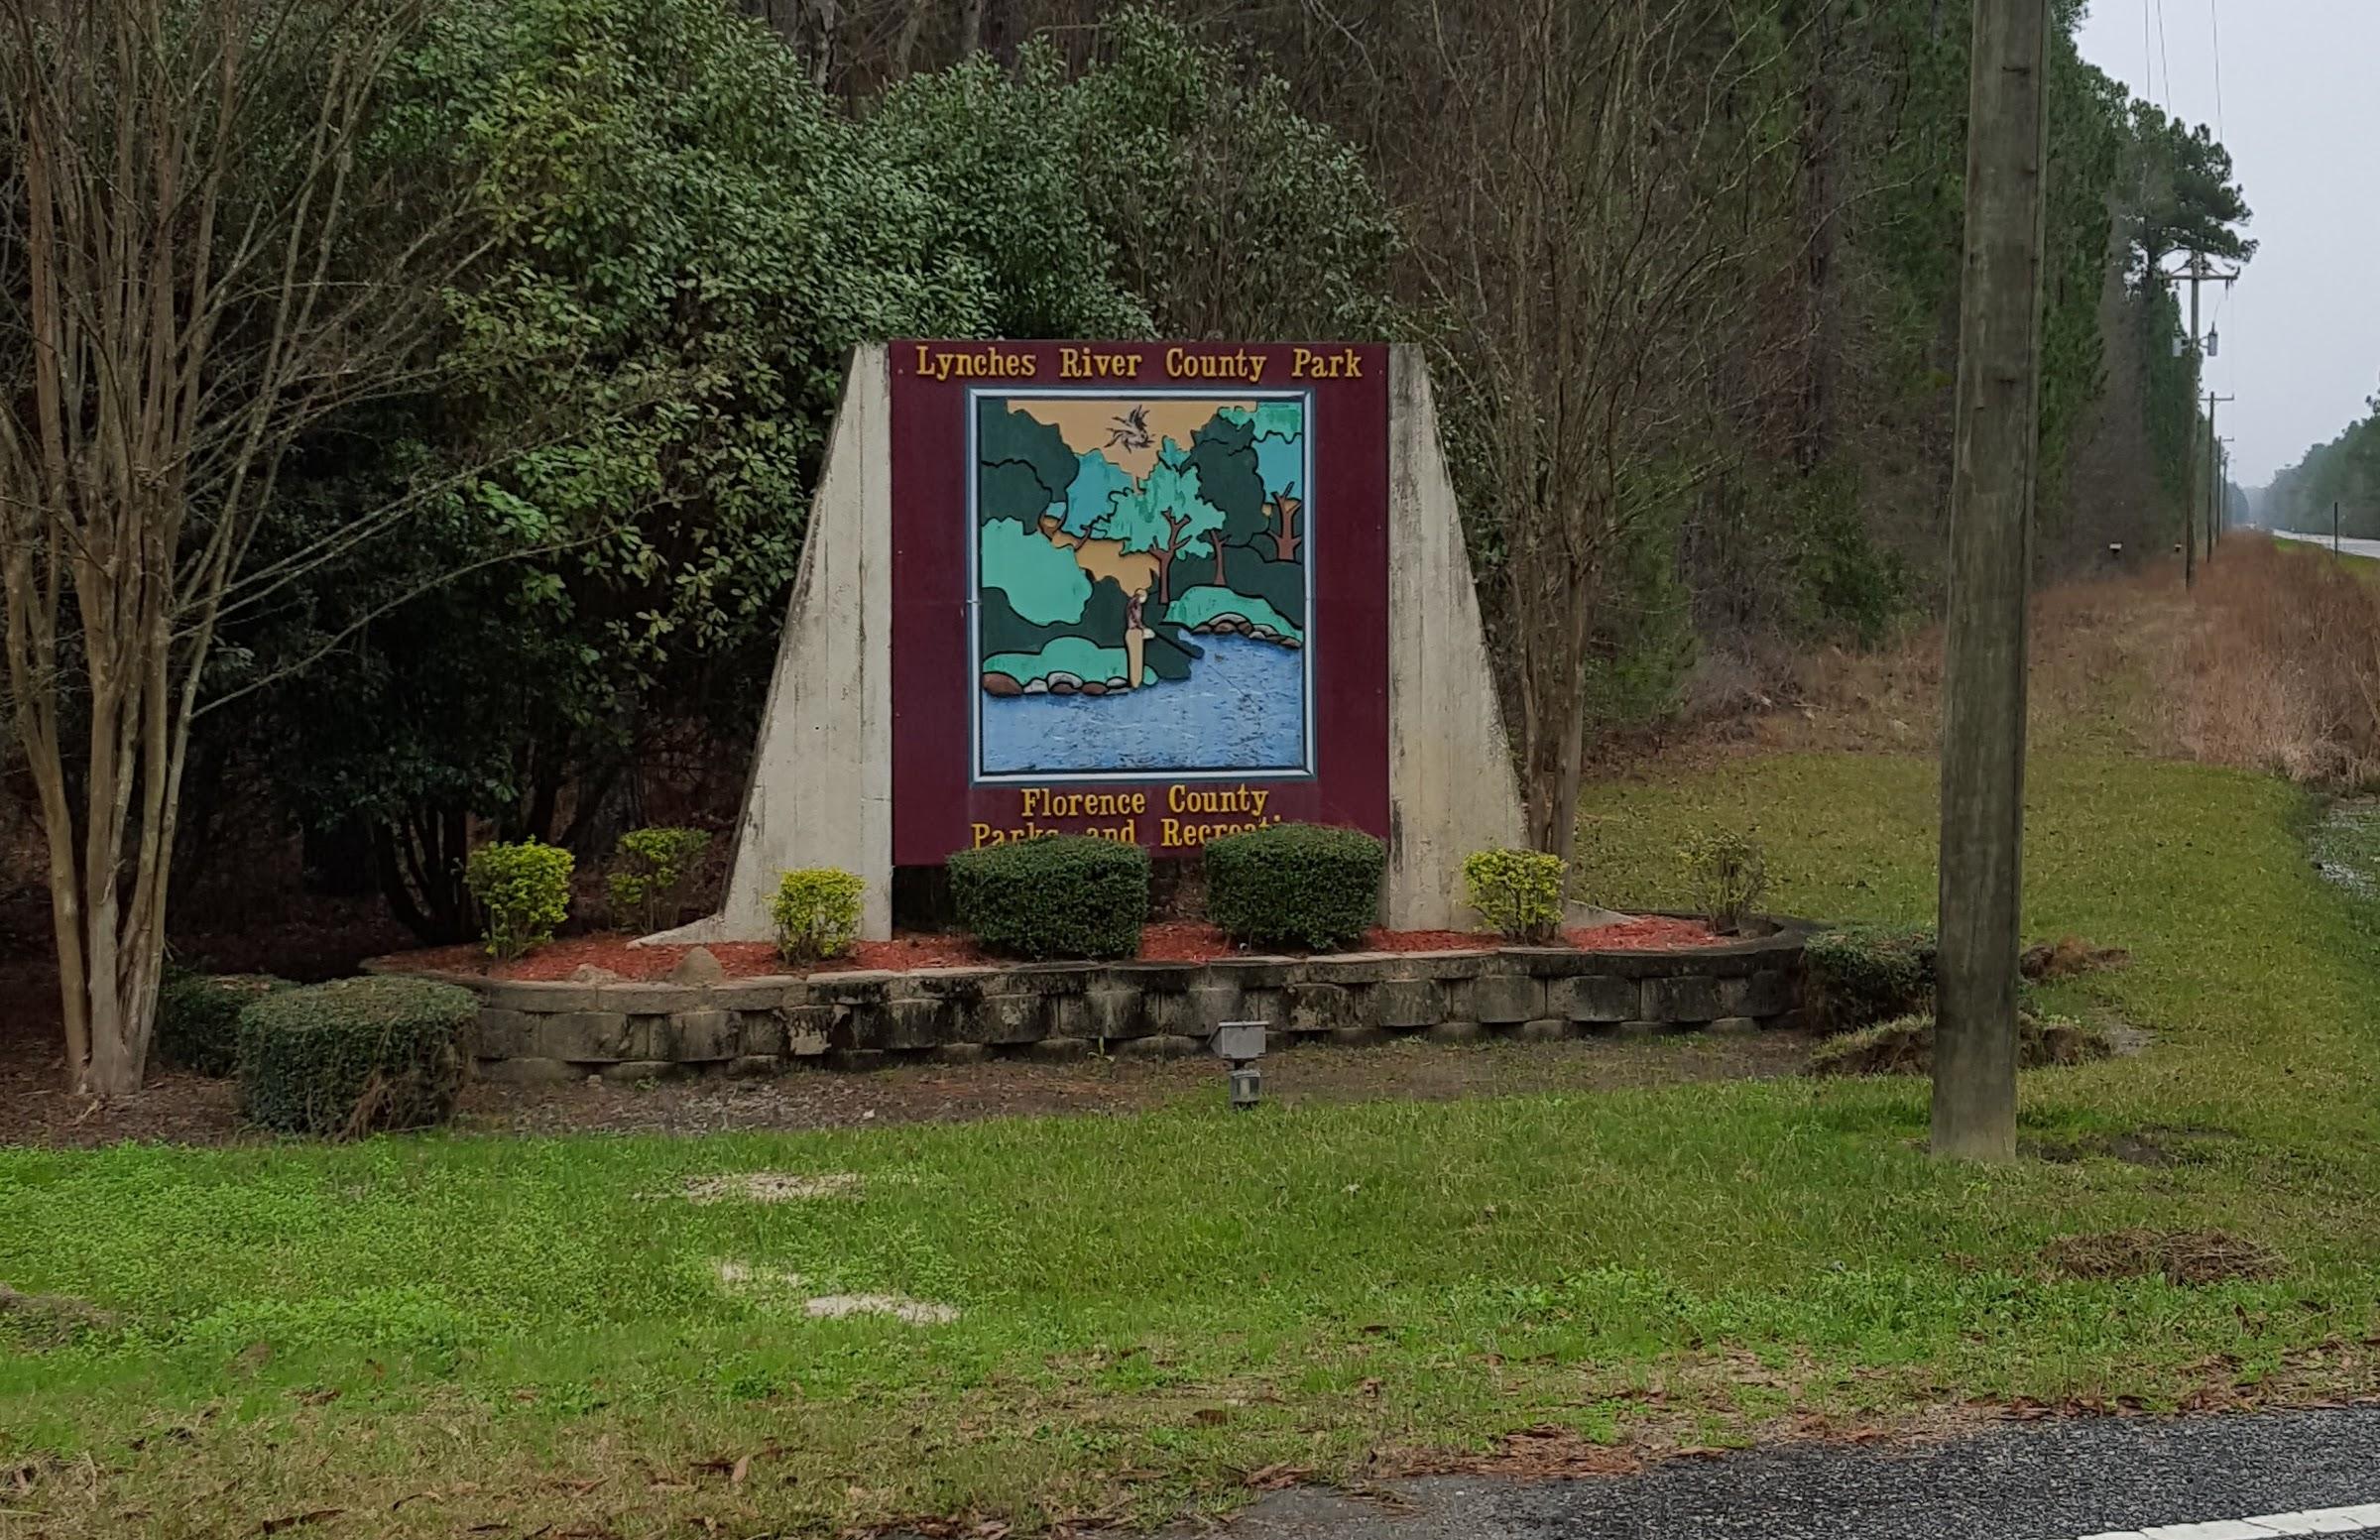 Family Friendly Events - FlorenceMom com - South Carolina